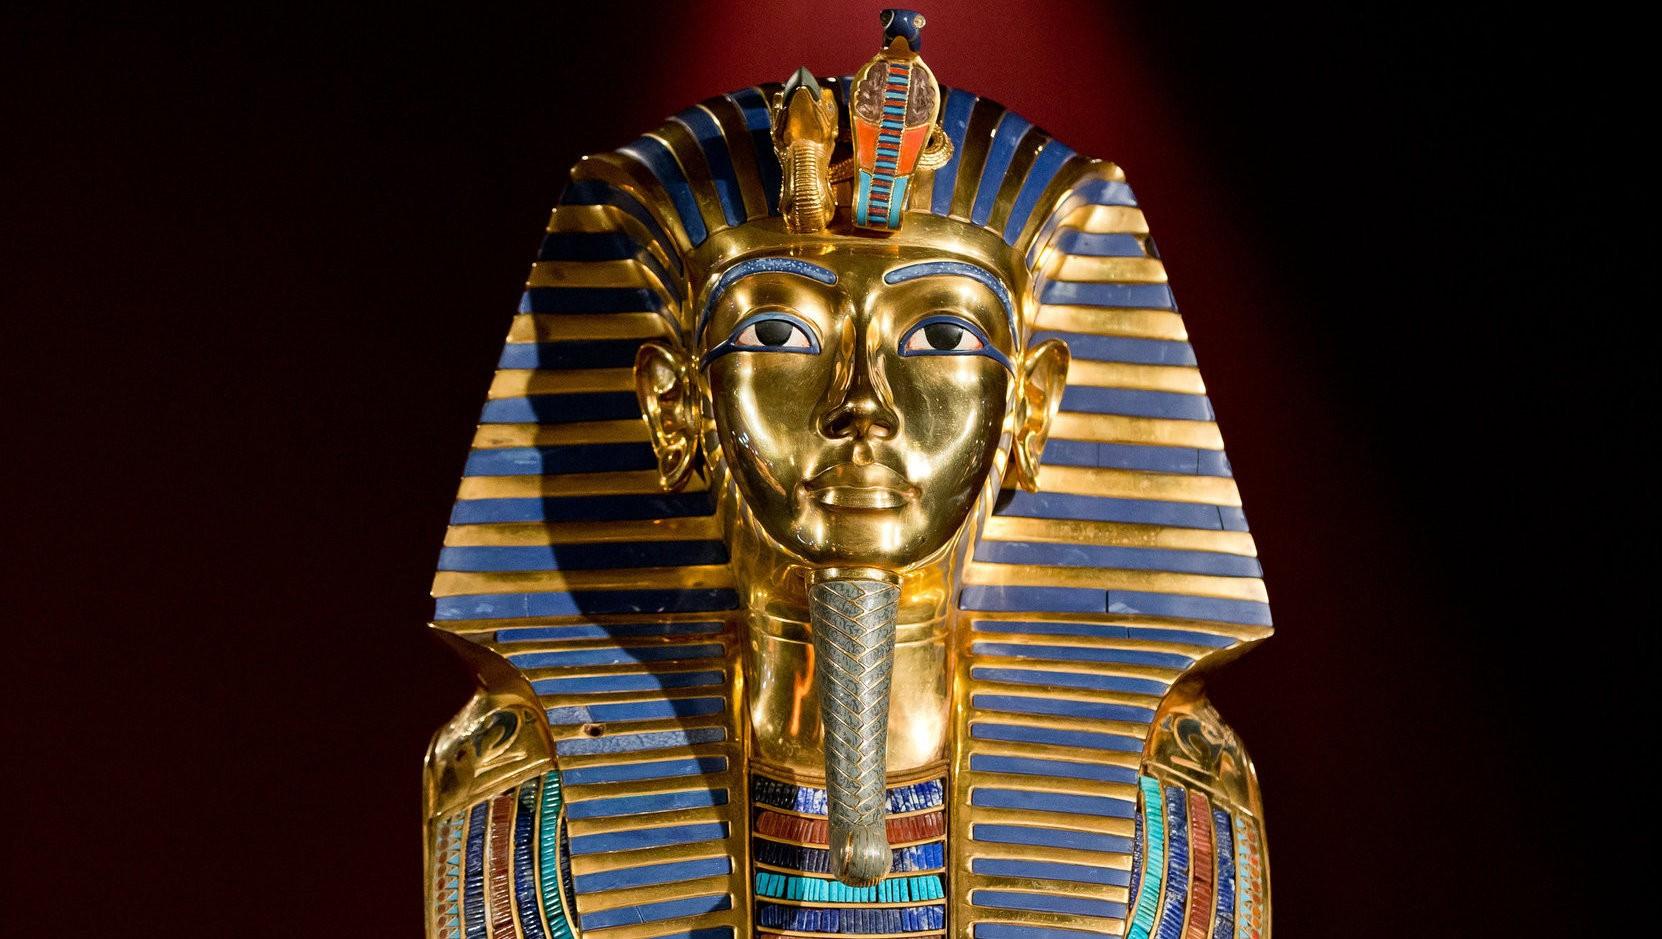 Totenmaske Von Pharao Tutenchamun Wird Restauriert | Krone.at mit Pharao Totenmaske